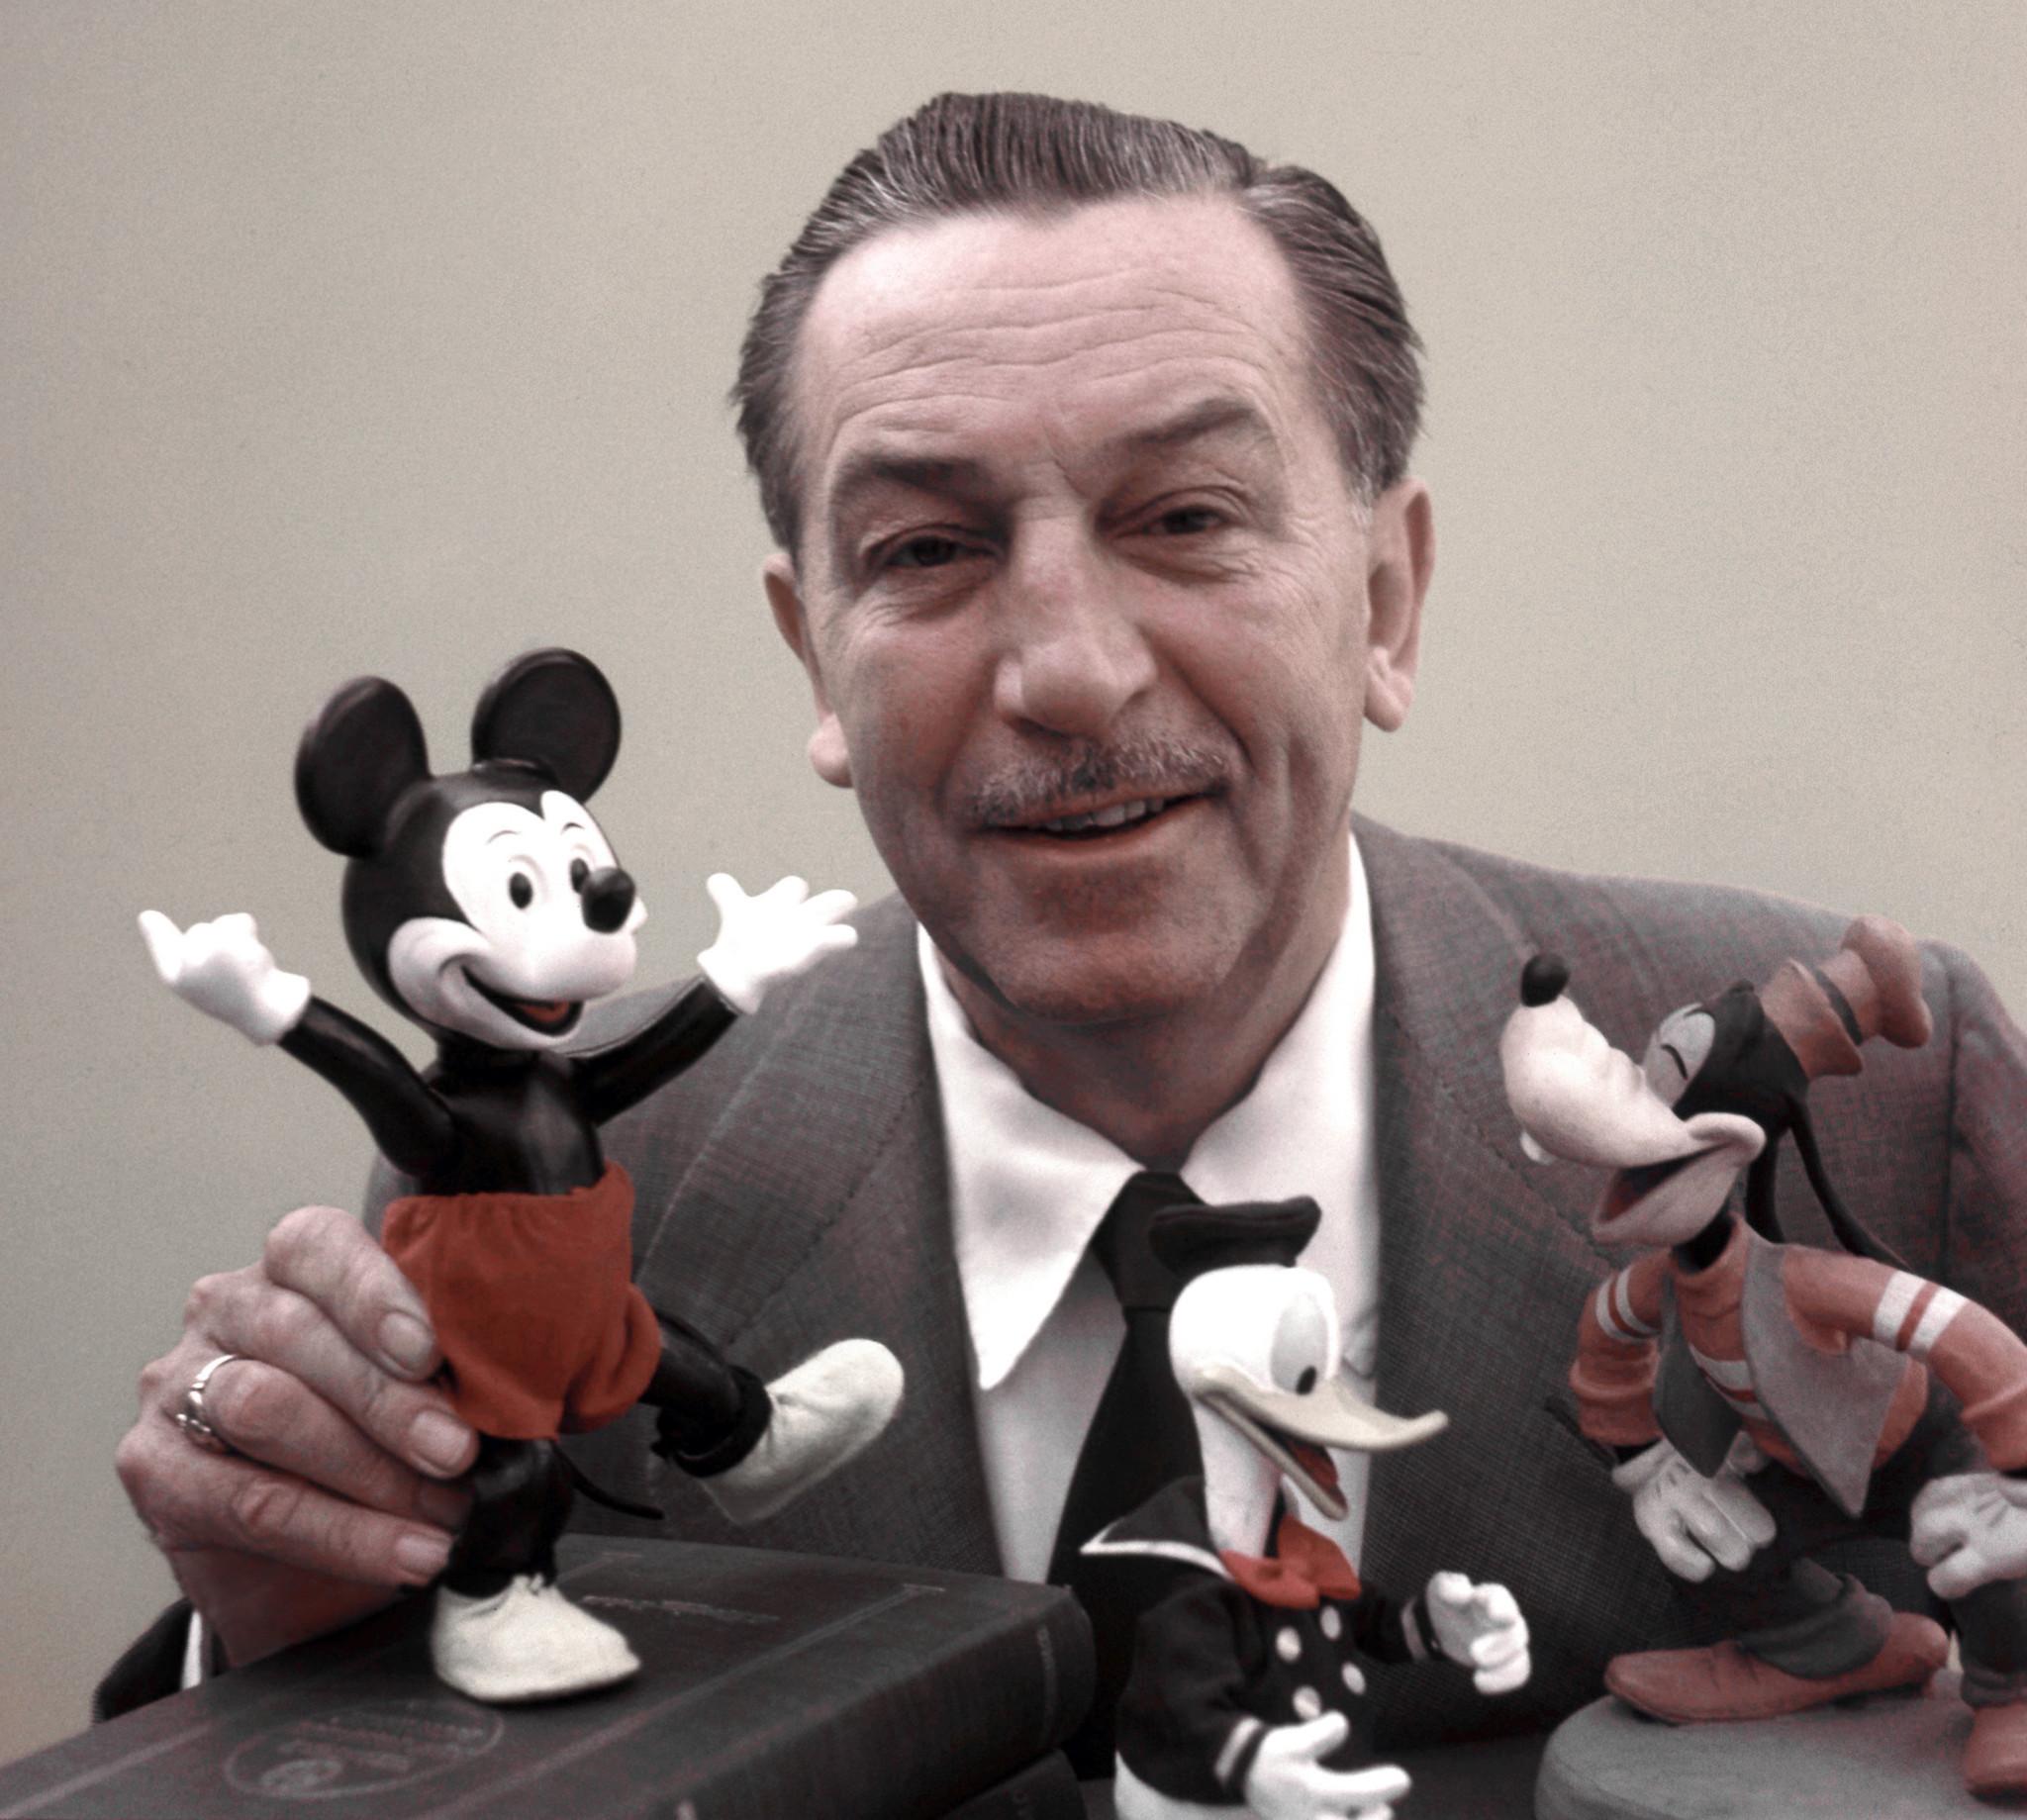 วอลท์ ดิสนีย์ (Walt Disney) คนดังที่เคยล้มเหลว